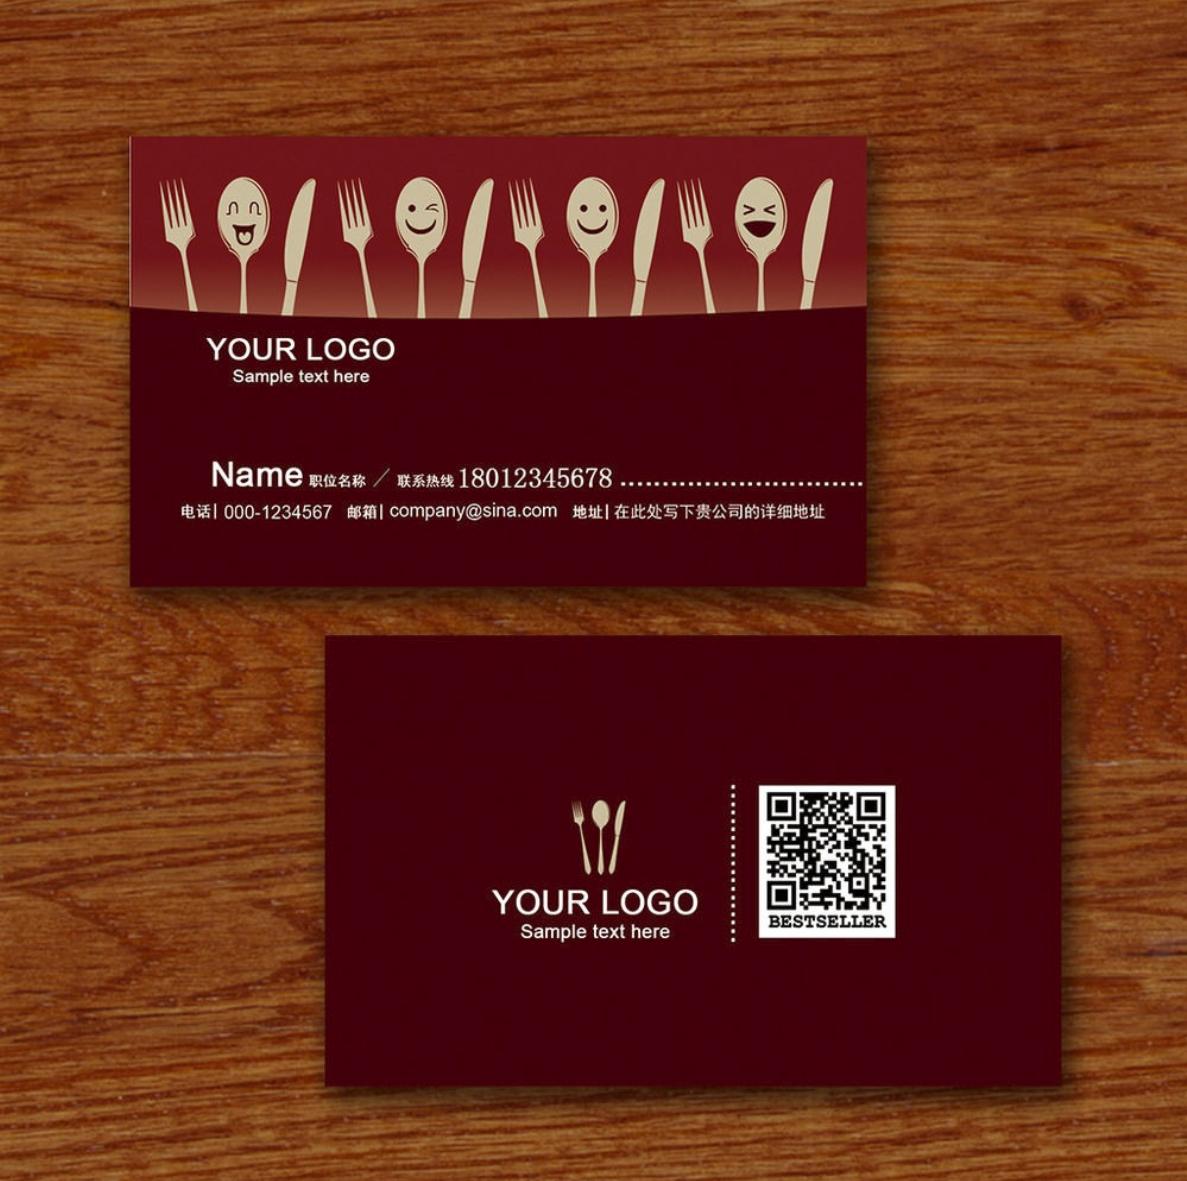 创意社交名片设计参考 中餐厅名片设计作品欣赏